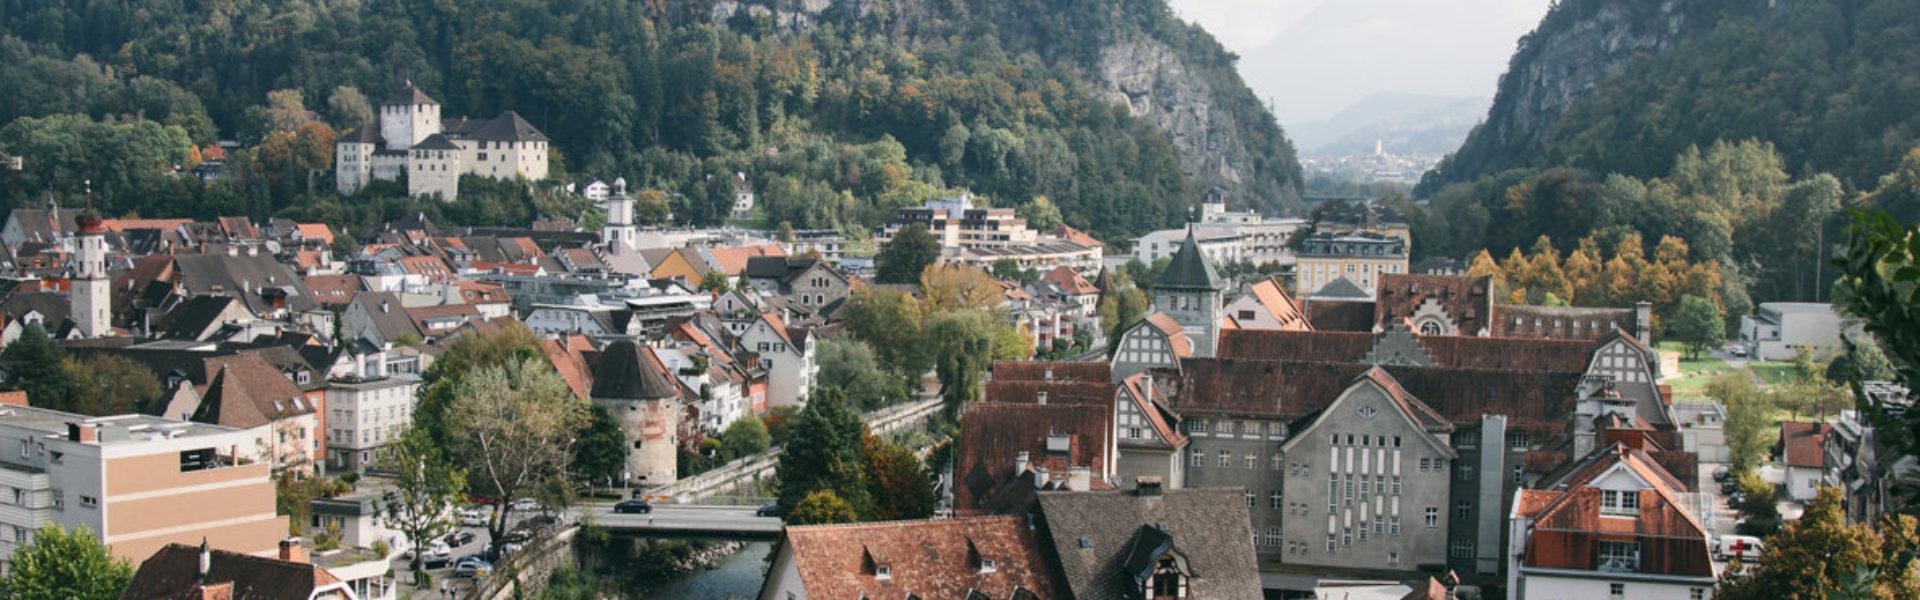 Feldkirch im Herbst, Blick auf Schattenburg © Nik Skorpic null